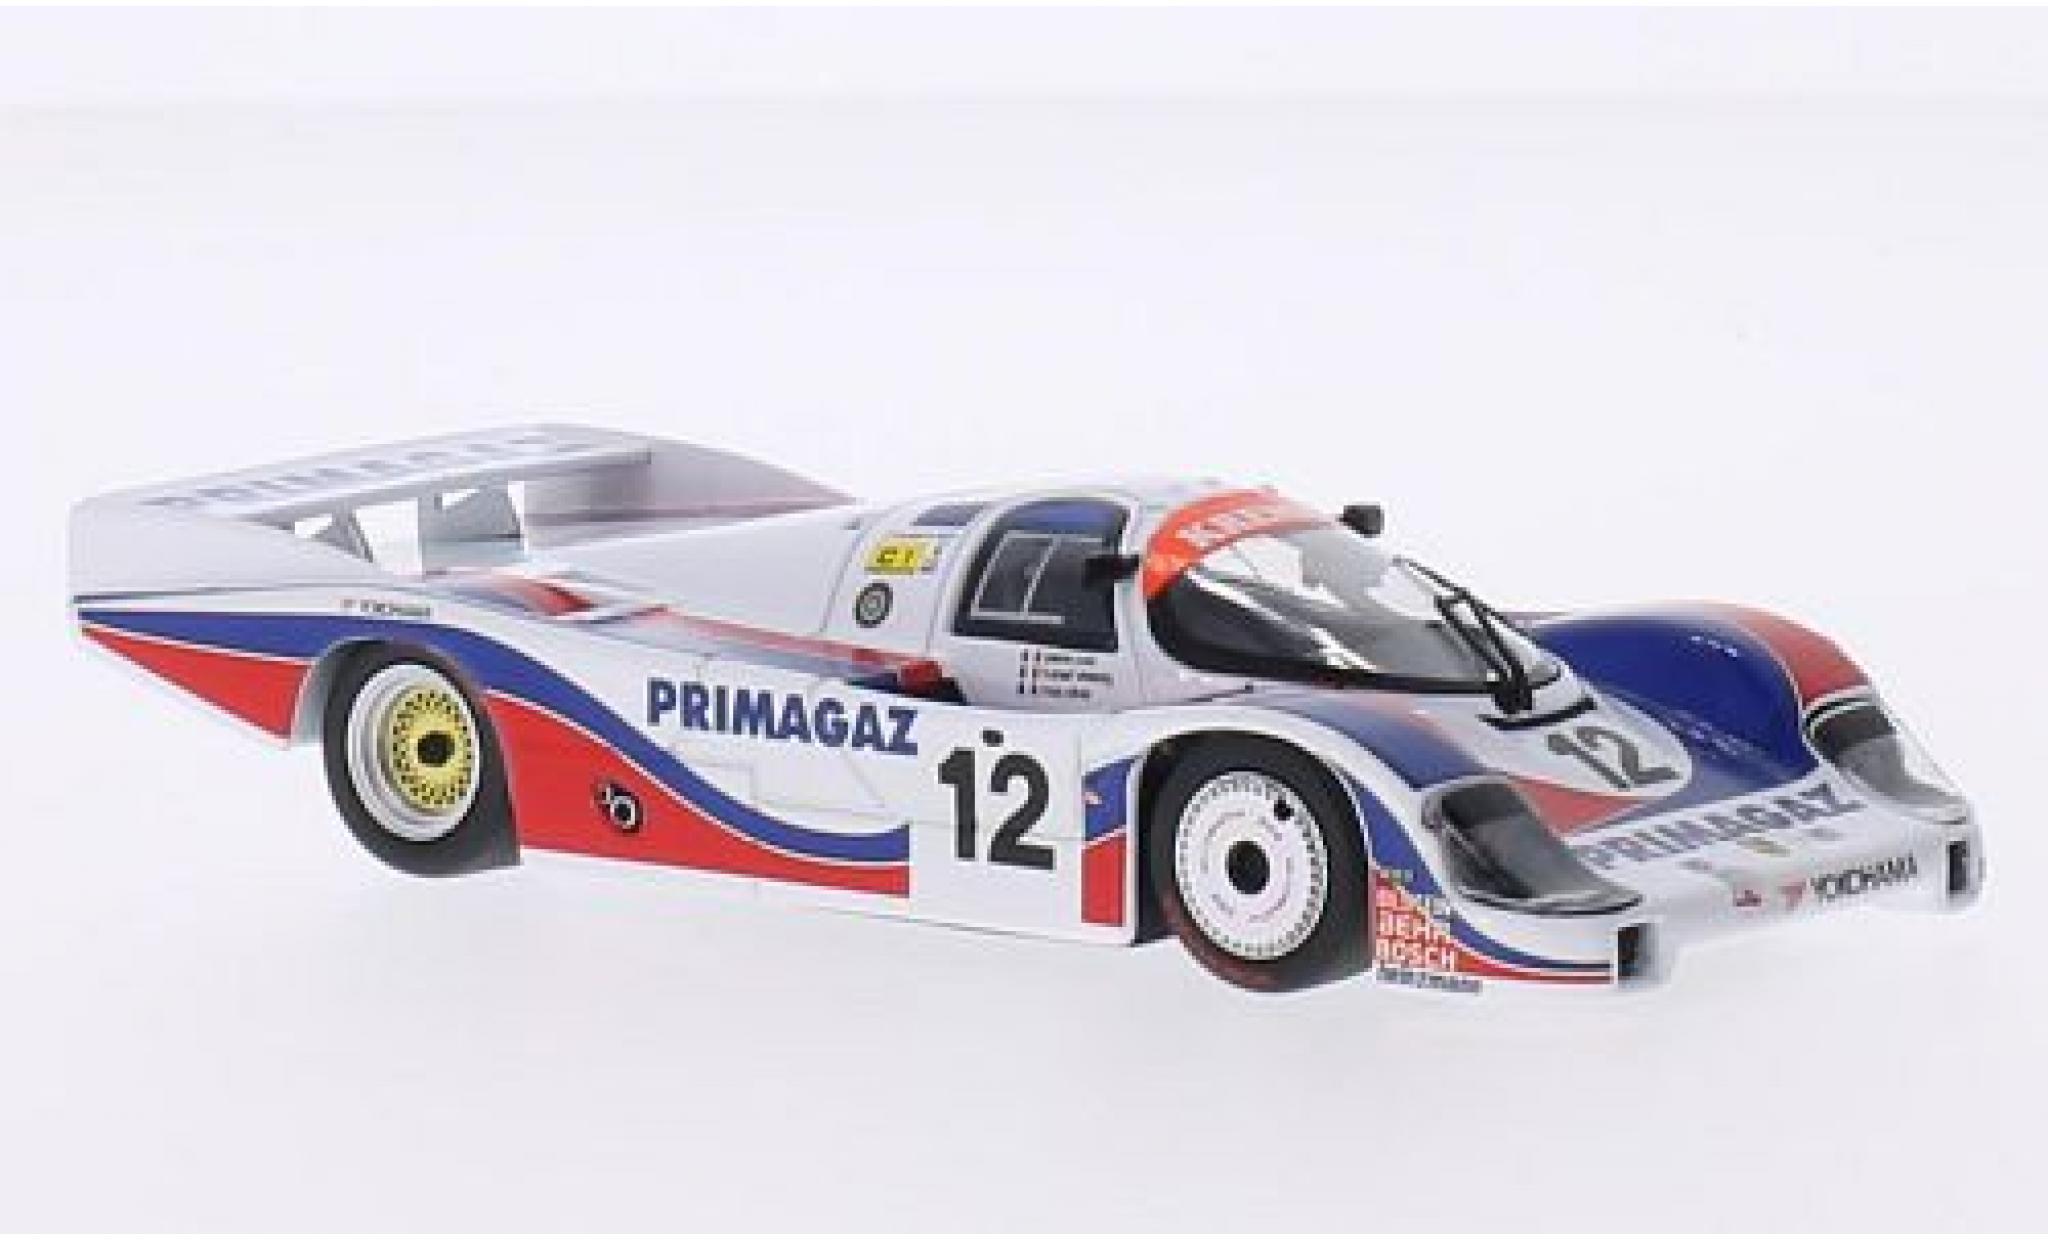 Porsche 956 1986 1/43 Minichamps L No.12 Kremer Racing Primagaz 24h Le Mans P.Yver/M.Cohen-Olivar/H.Striebig